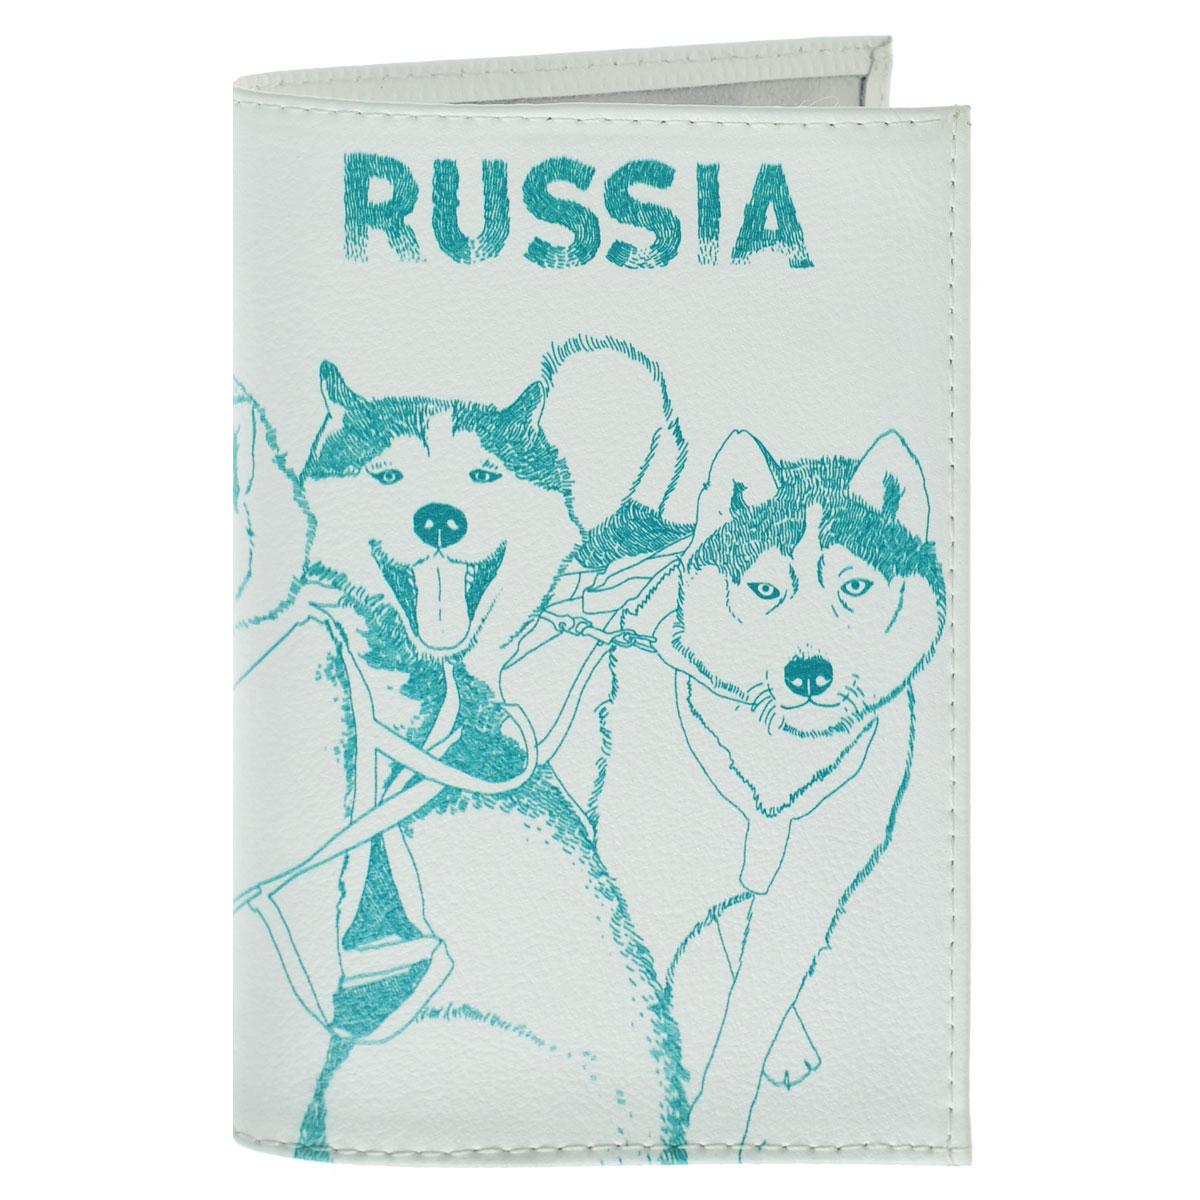 Обложка для паспорта Сибирские хаски. OK295595Обложка для паспорта Mitya Veselkov Сибирские хаски выполнена из натуральной кожи, оформлена принтом с изображением упряжки с хаски и надписью Russia. Такая обложка не только поможет сохранить внешний вид ваших документов и защитит их от повреждений, но и станет стильным аксессуаром, идеально подходящим вашему образу.Яркая и оригинальная обложка подчеркнет вашу индивидуальность и изысканный вкус. Обложка для паспорта стильного дизайна может быть достойным и оригинальным подарком.